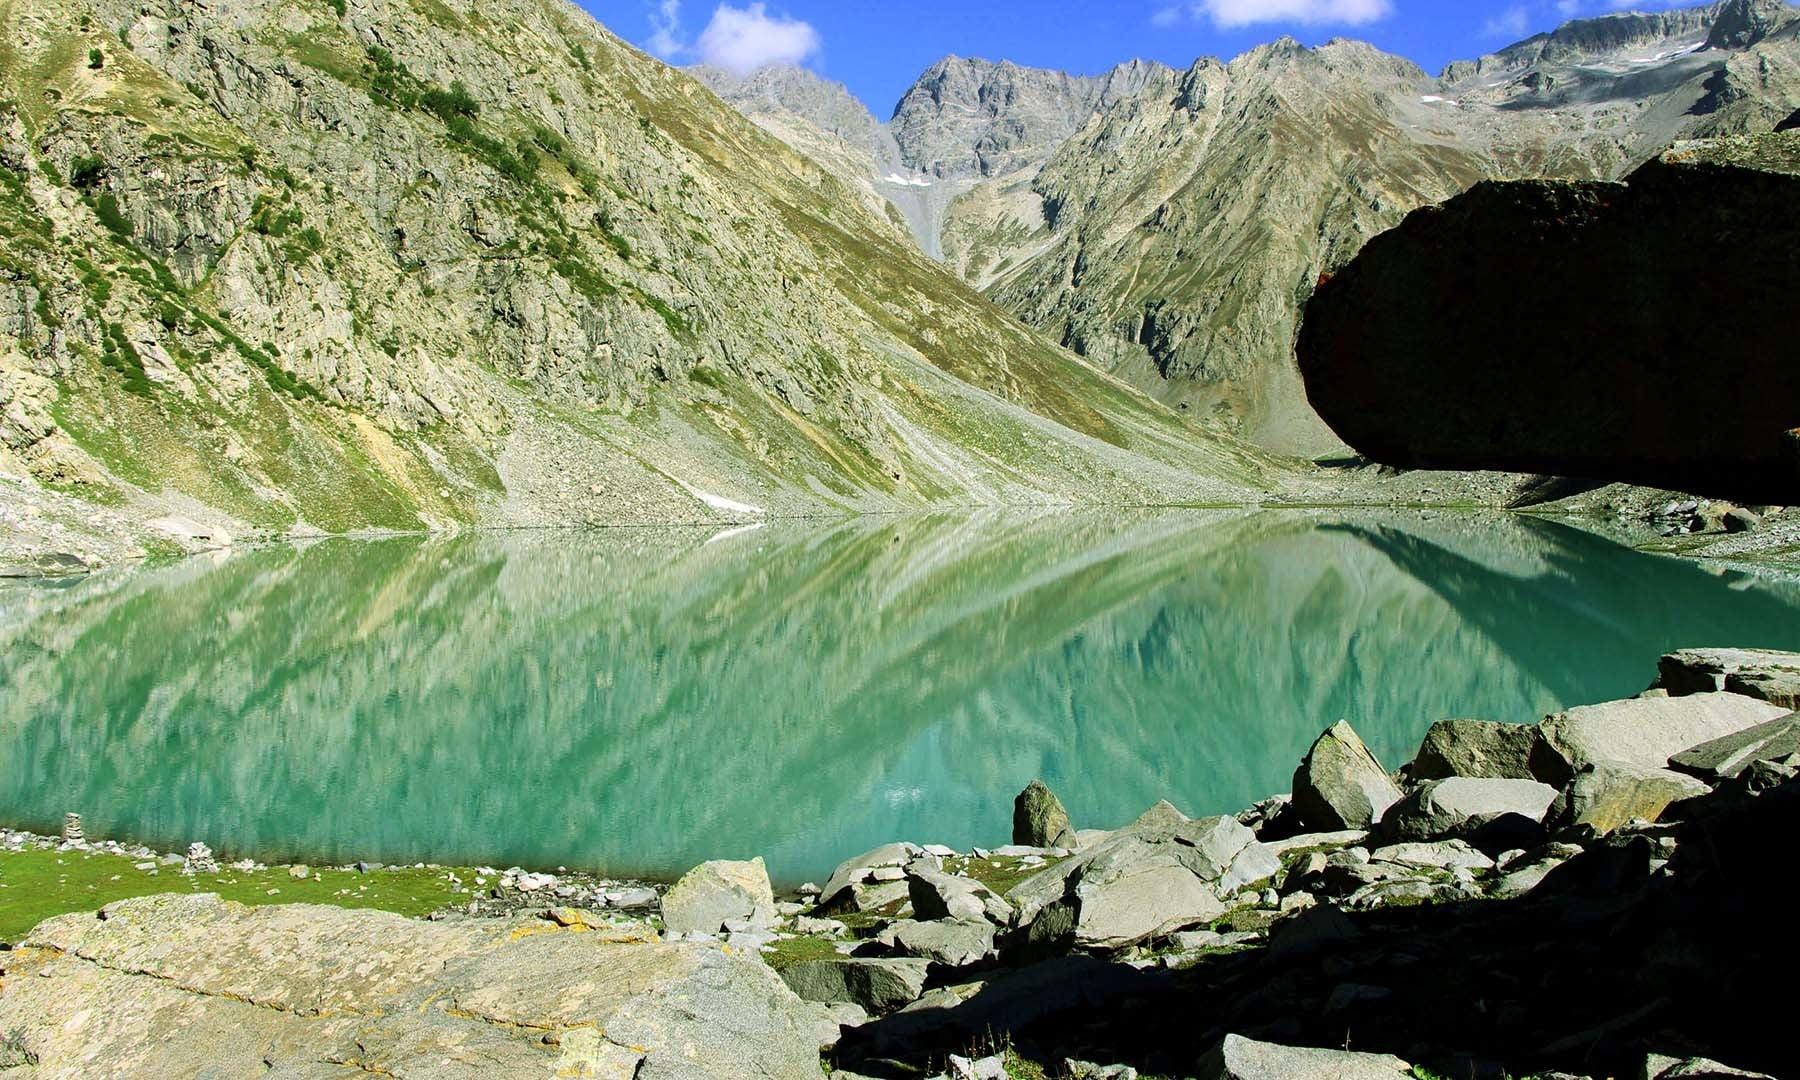 کُو جھیل کا دوسرا منظر—تصویر امجد علی سحاب